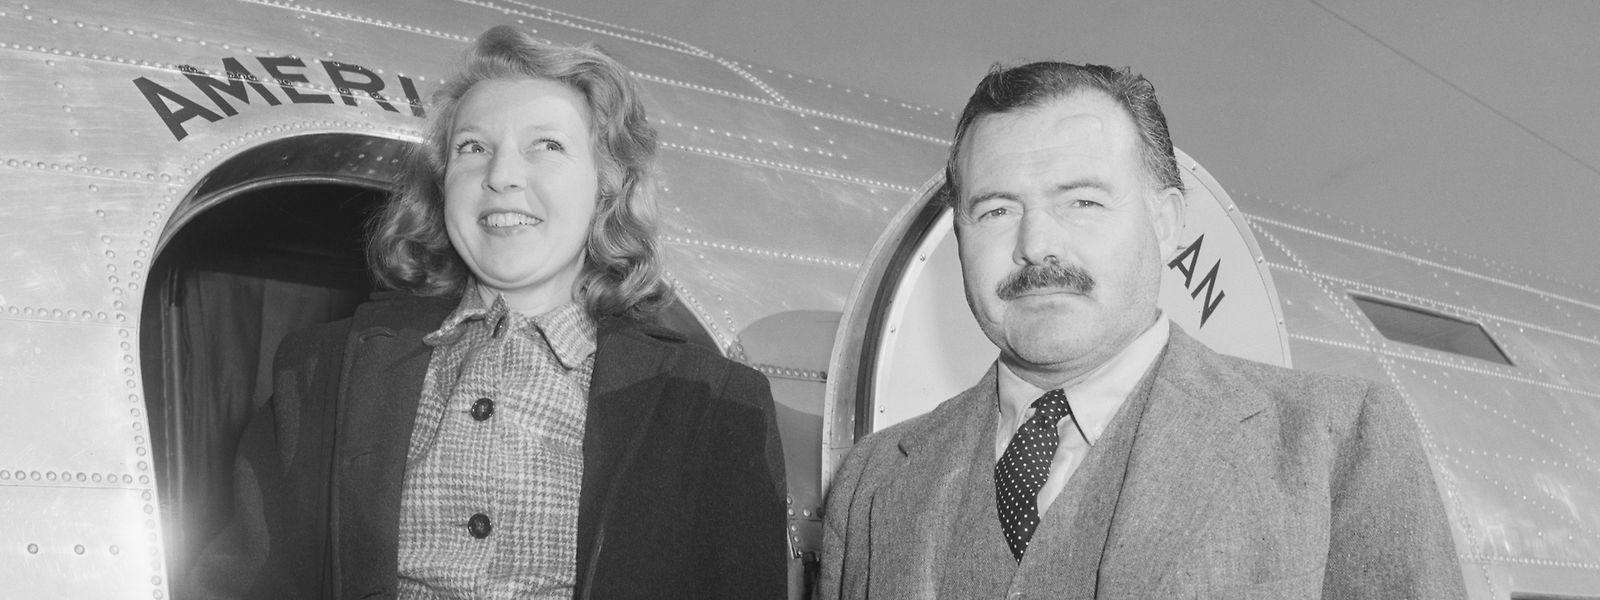 """Ein Bild aus glücklichen Tagen. Martha Gellhorn und Ernest Hemingway wurden jedoch bereits 1945 wieder geschieden. Ihr Leben lang wurde Martha immer nur über ihre Ehe mit Ernest definiert. Sie empfand das als Ungerechtigkeit. """"Wieso sollte ich eine Fußnote im Leben eines anderen sein?"""", fragte sie."""